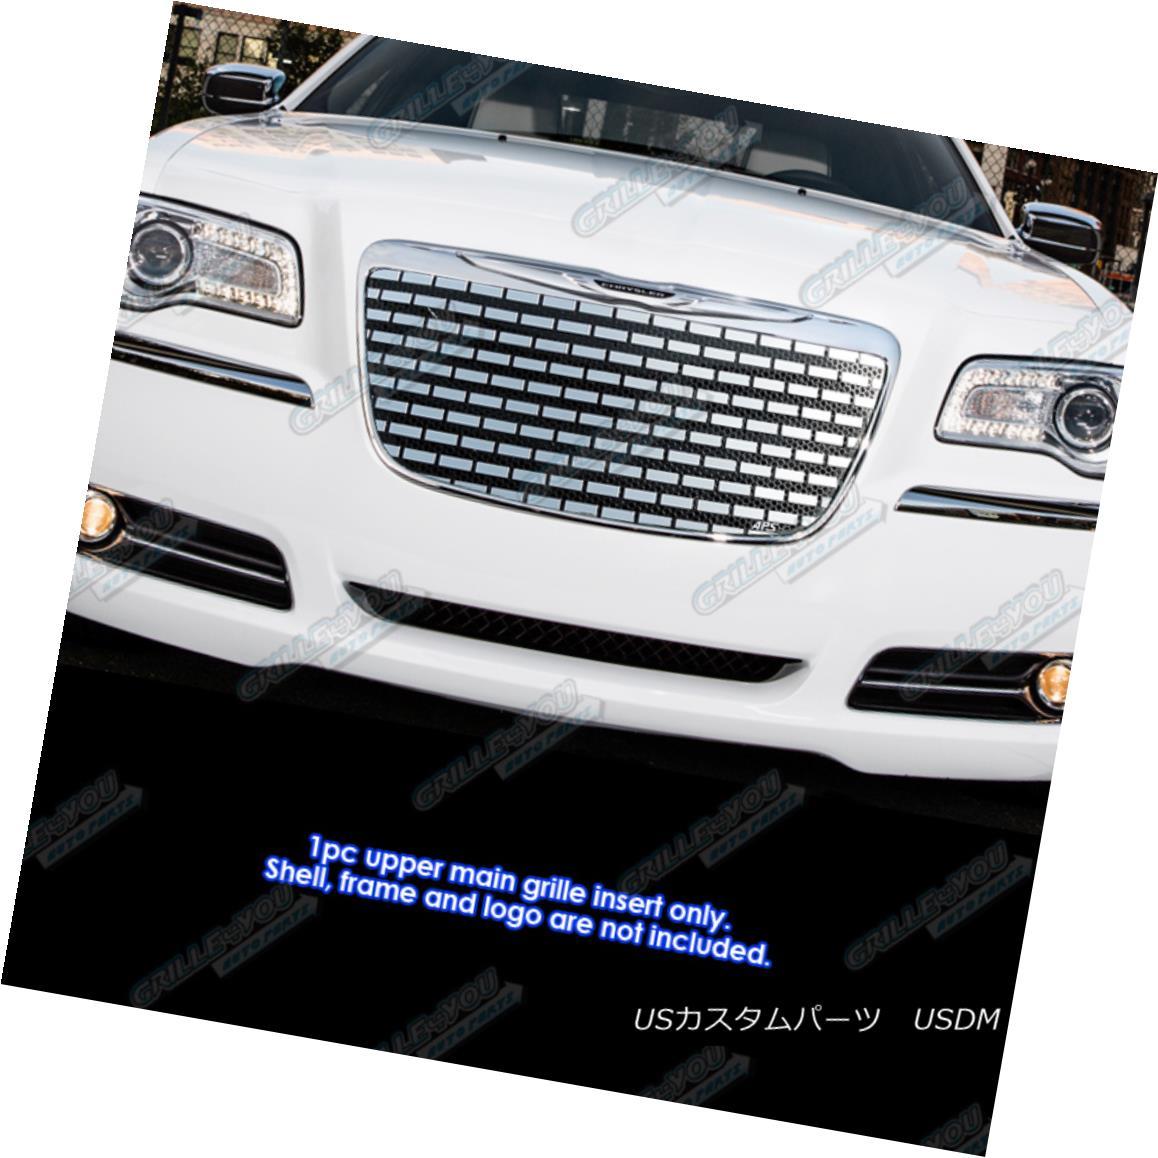 グリル Fits 2011-2014 Chrysler 300/300C Stainless Steel Symbolic Grille Grill Insert 適合2011-2014クライスラー300 / 300Cステンレススチールシンボリックグリルグリルインサート, 【本物新品保証】 ebc92bf1